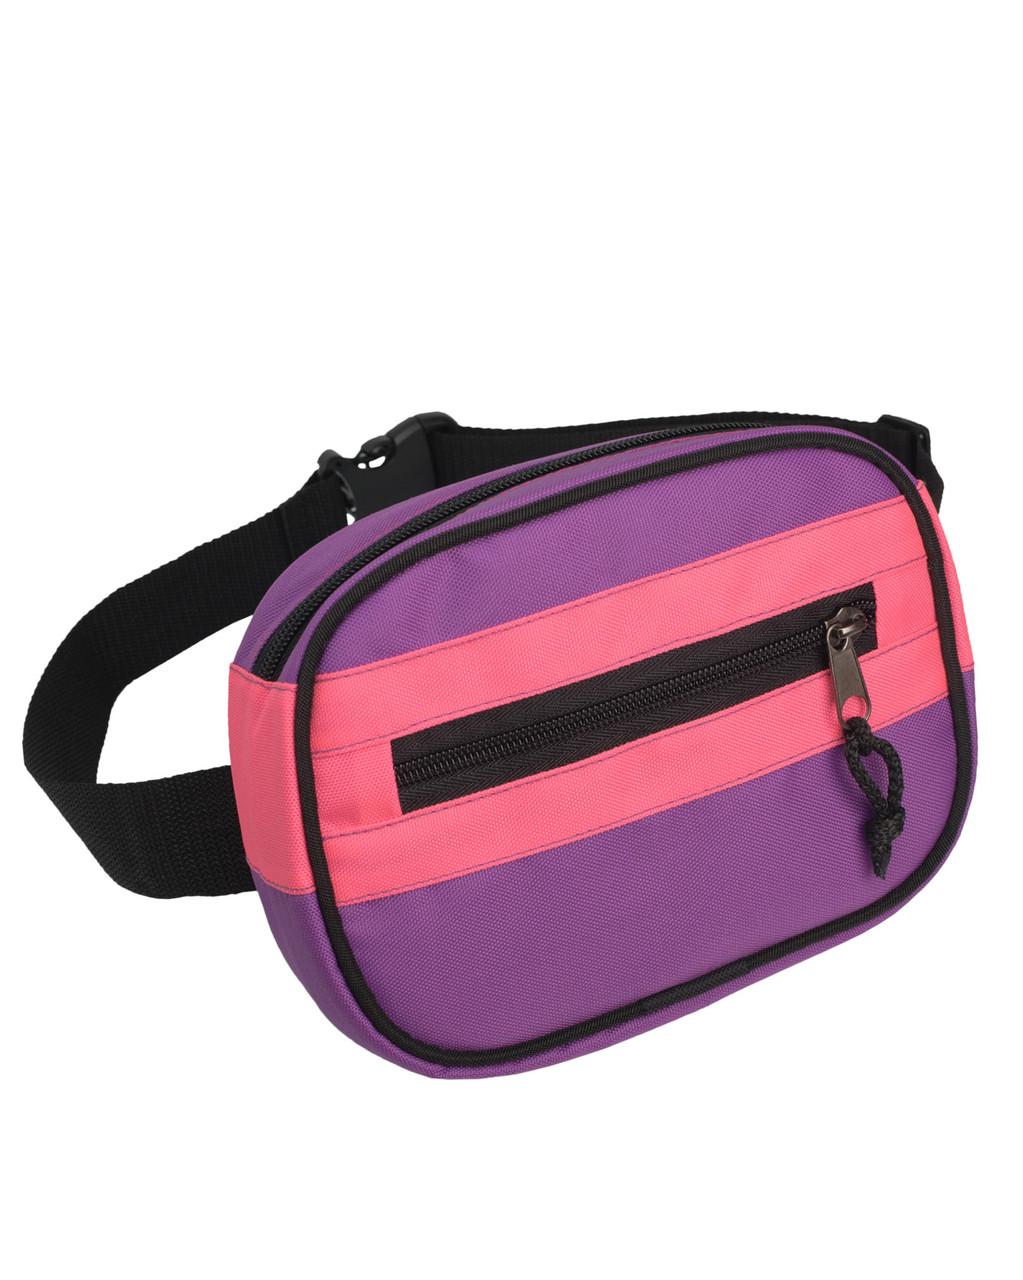 cea0430cca0a Поясная сумка бананка Kokos Surikat розовый/фиолетовый (сумка на пояс,